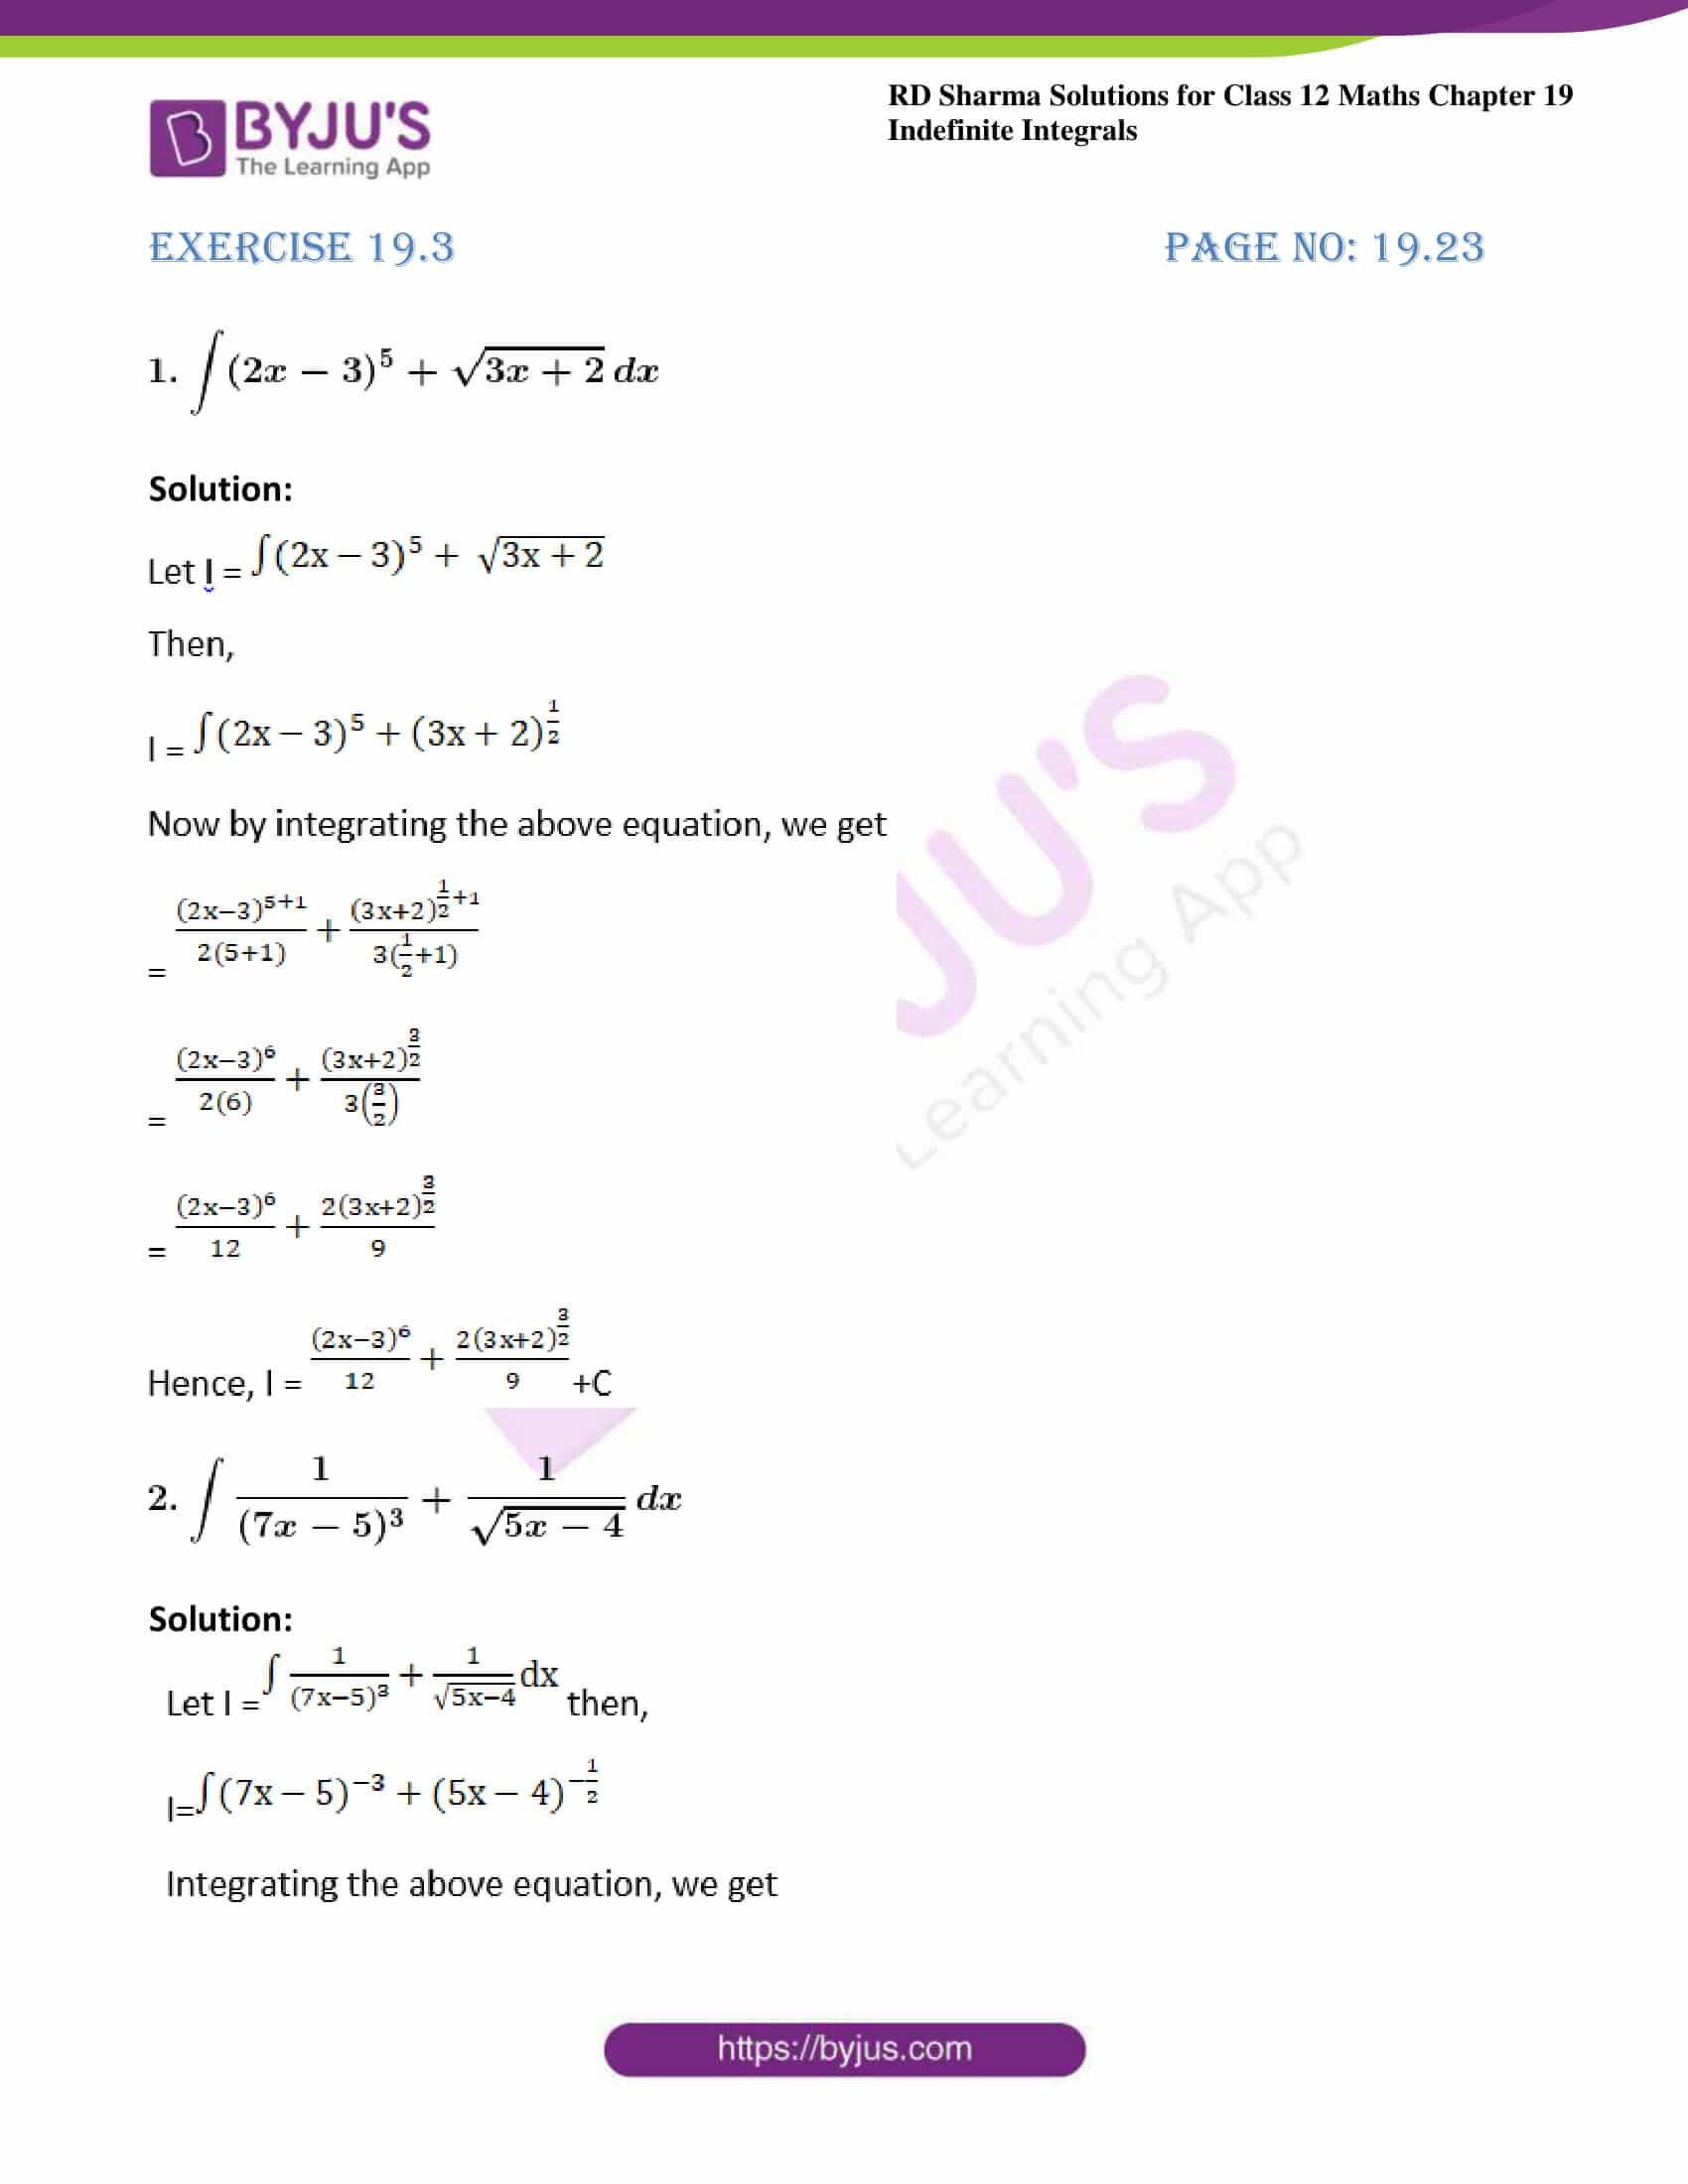 rd sharma class 12 maths sol chap 19 ex 3 1